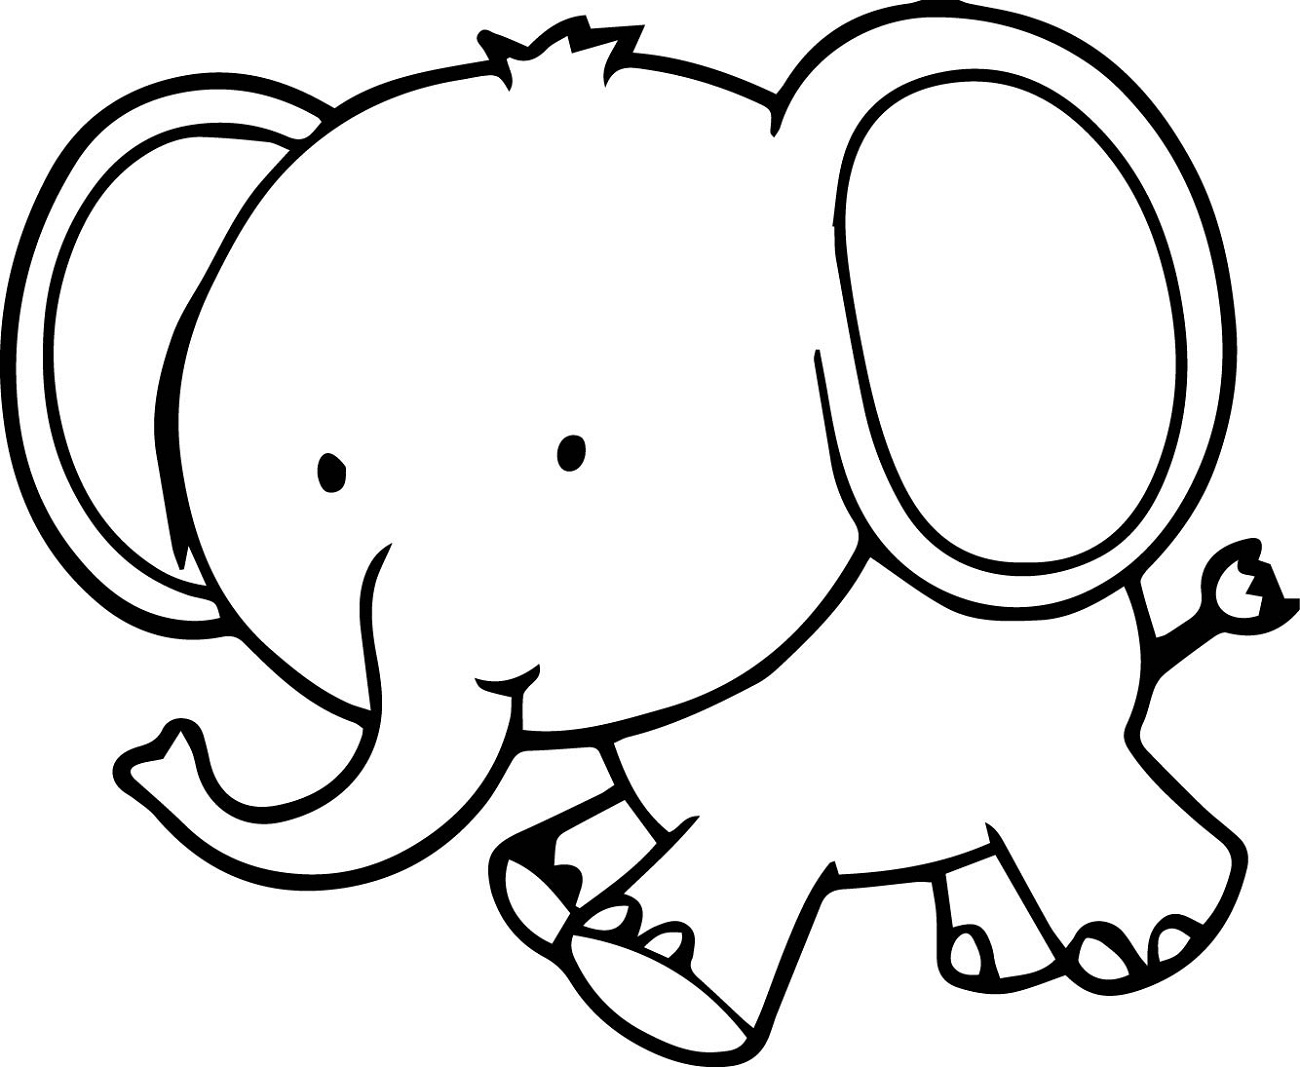 Tranh tô màu chú voi đầu to